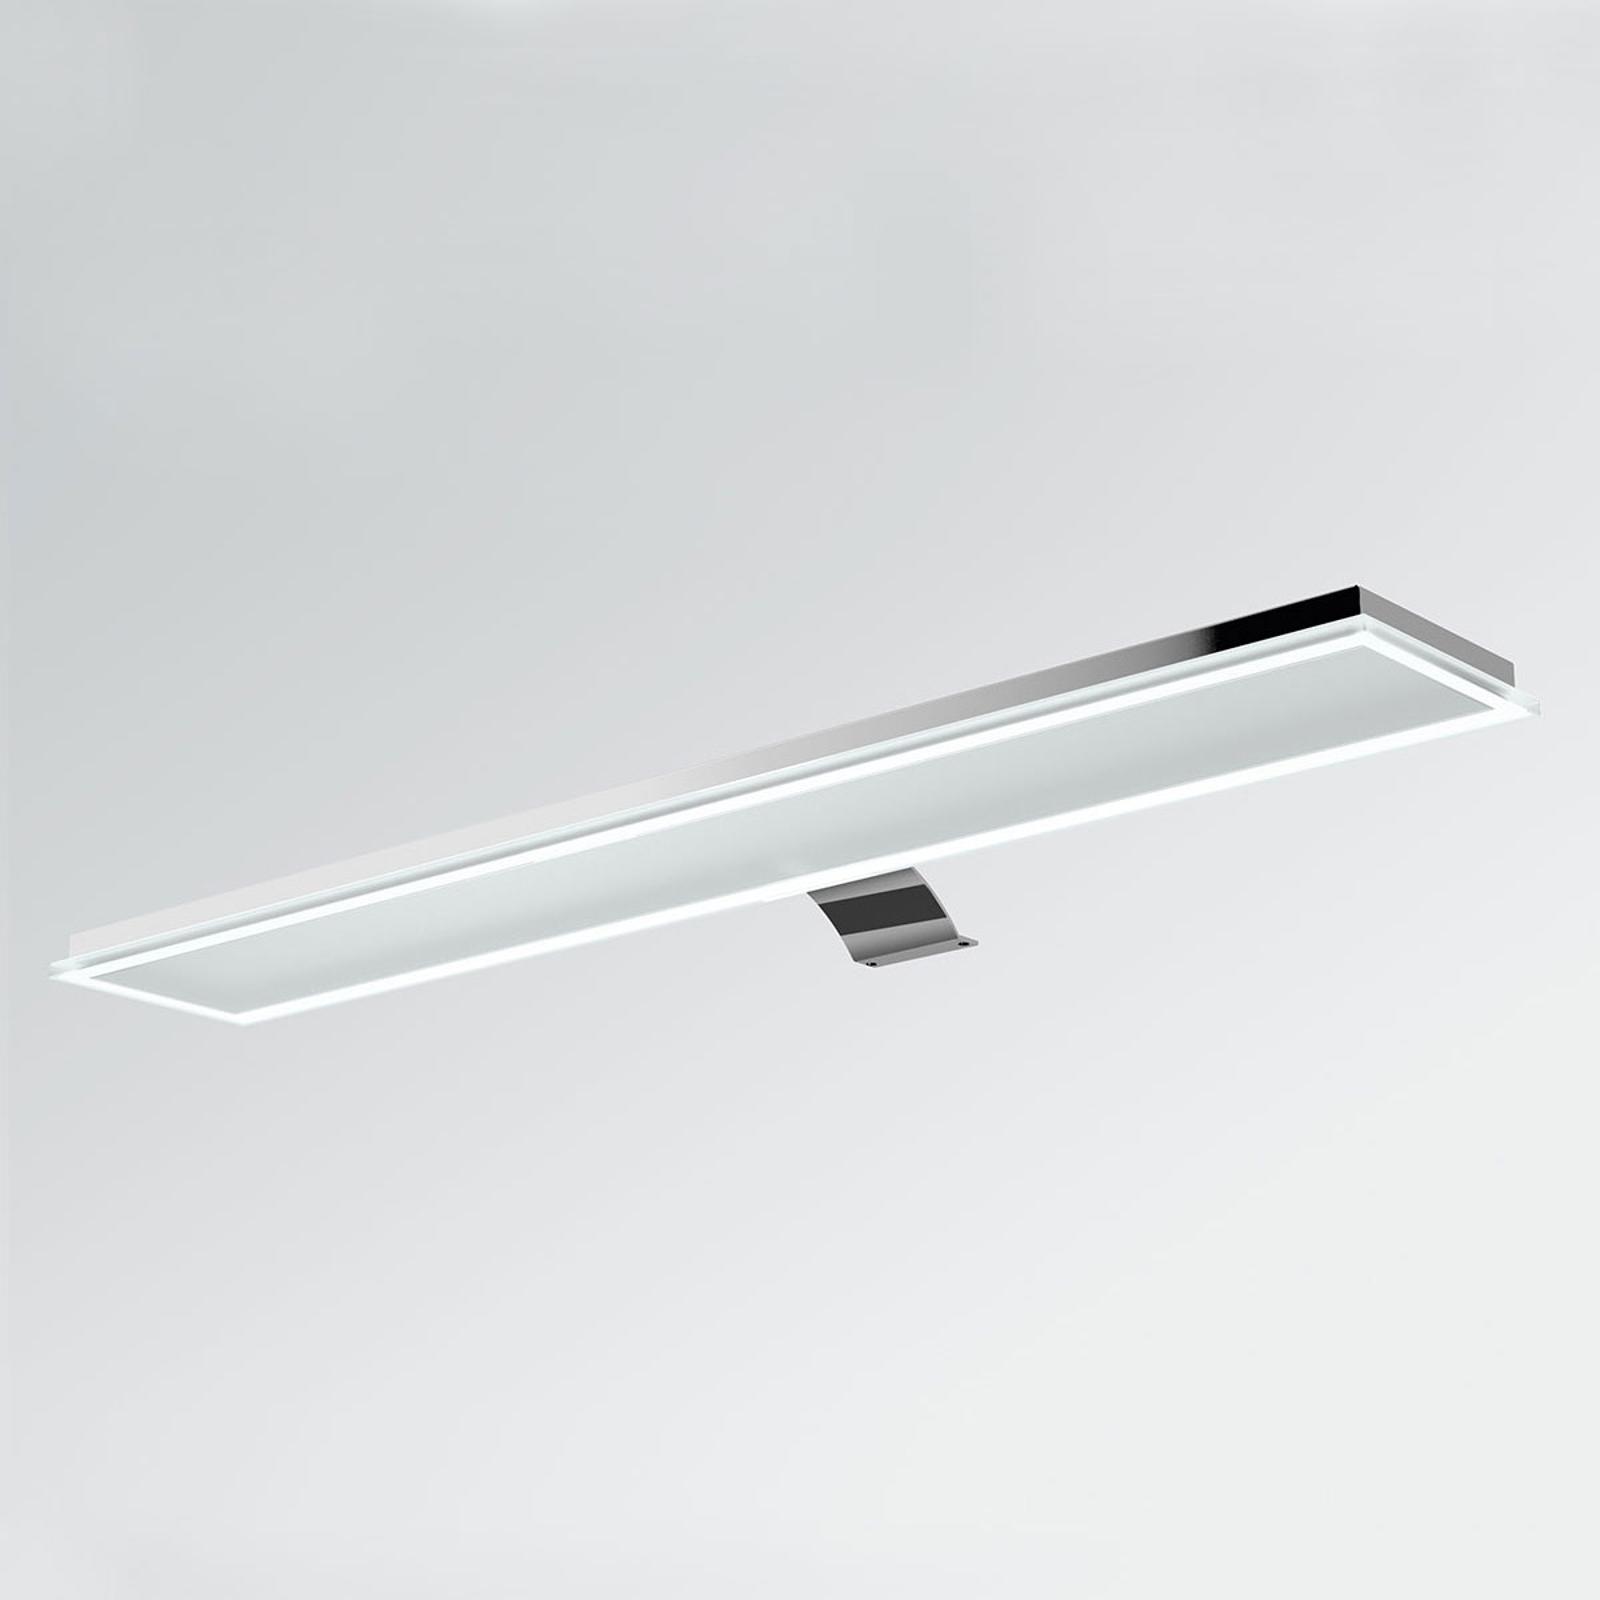 Applique pour miroir LED Palma S